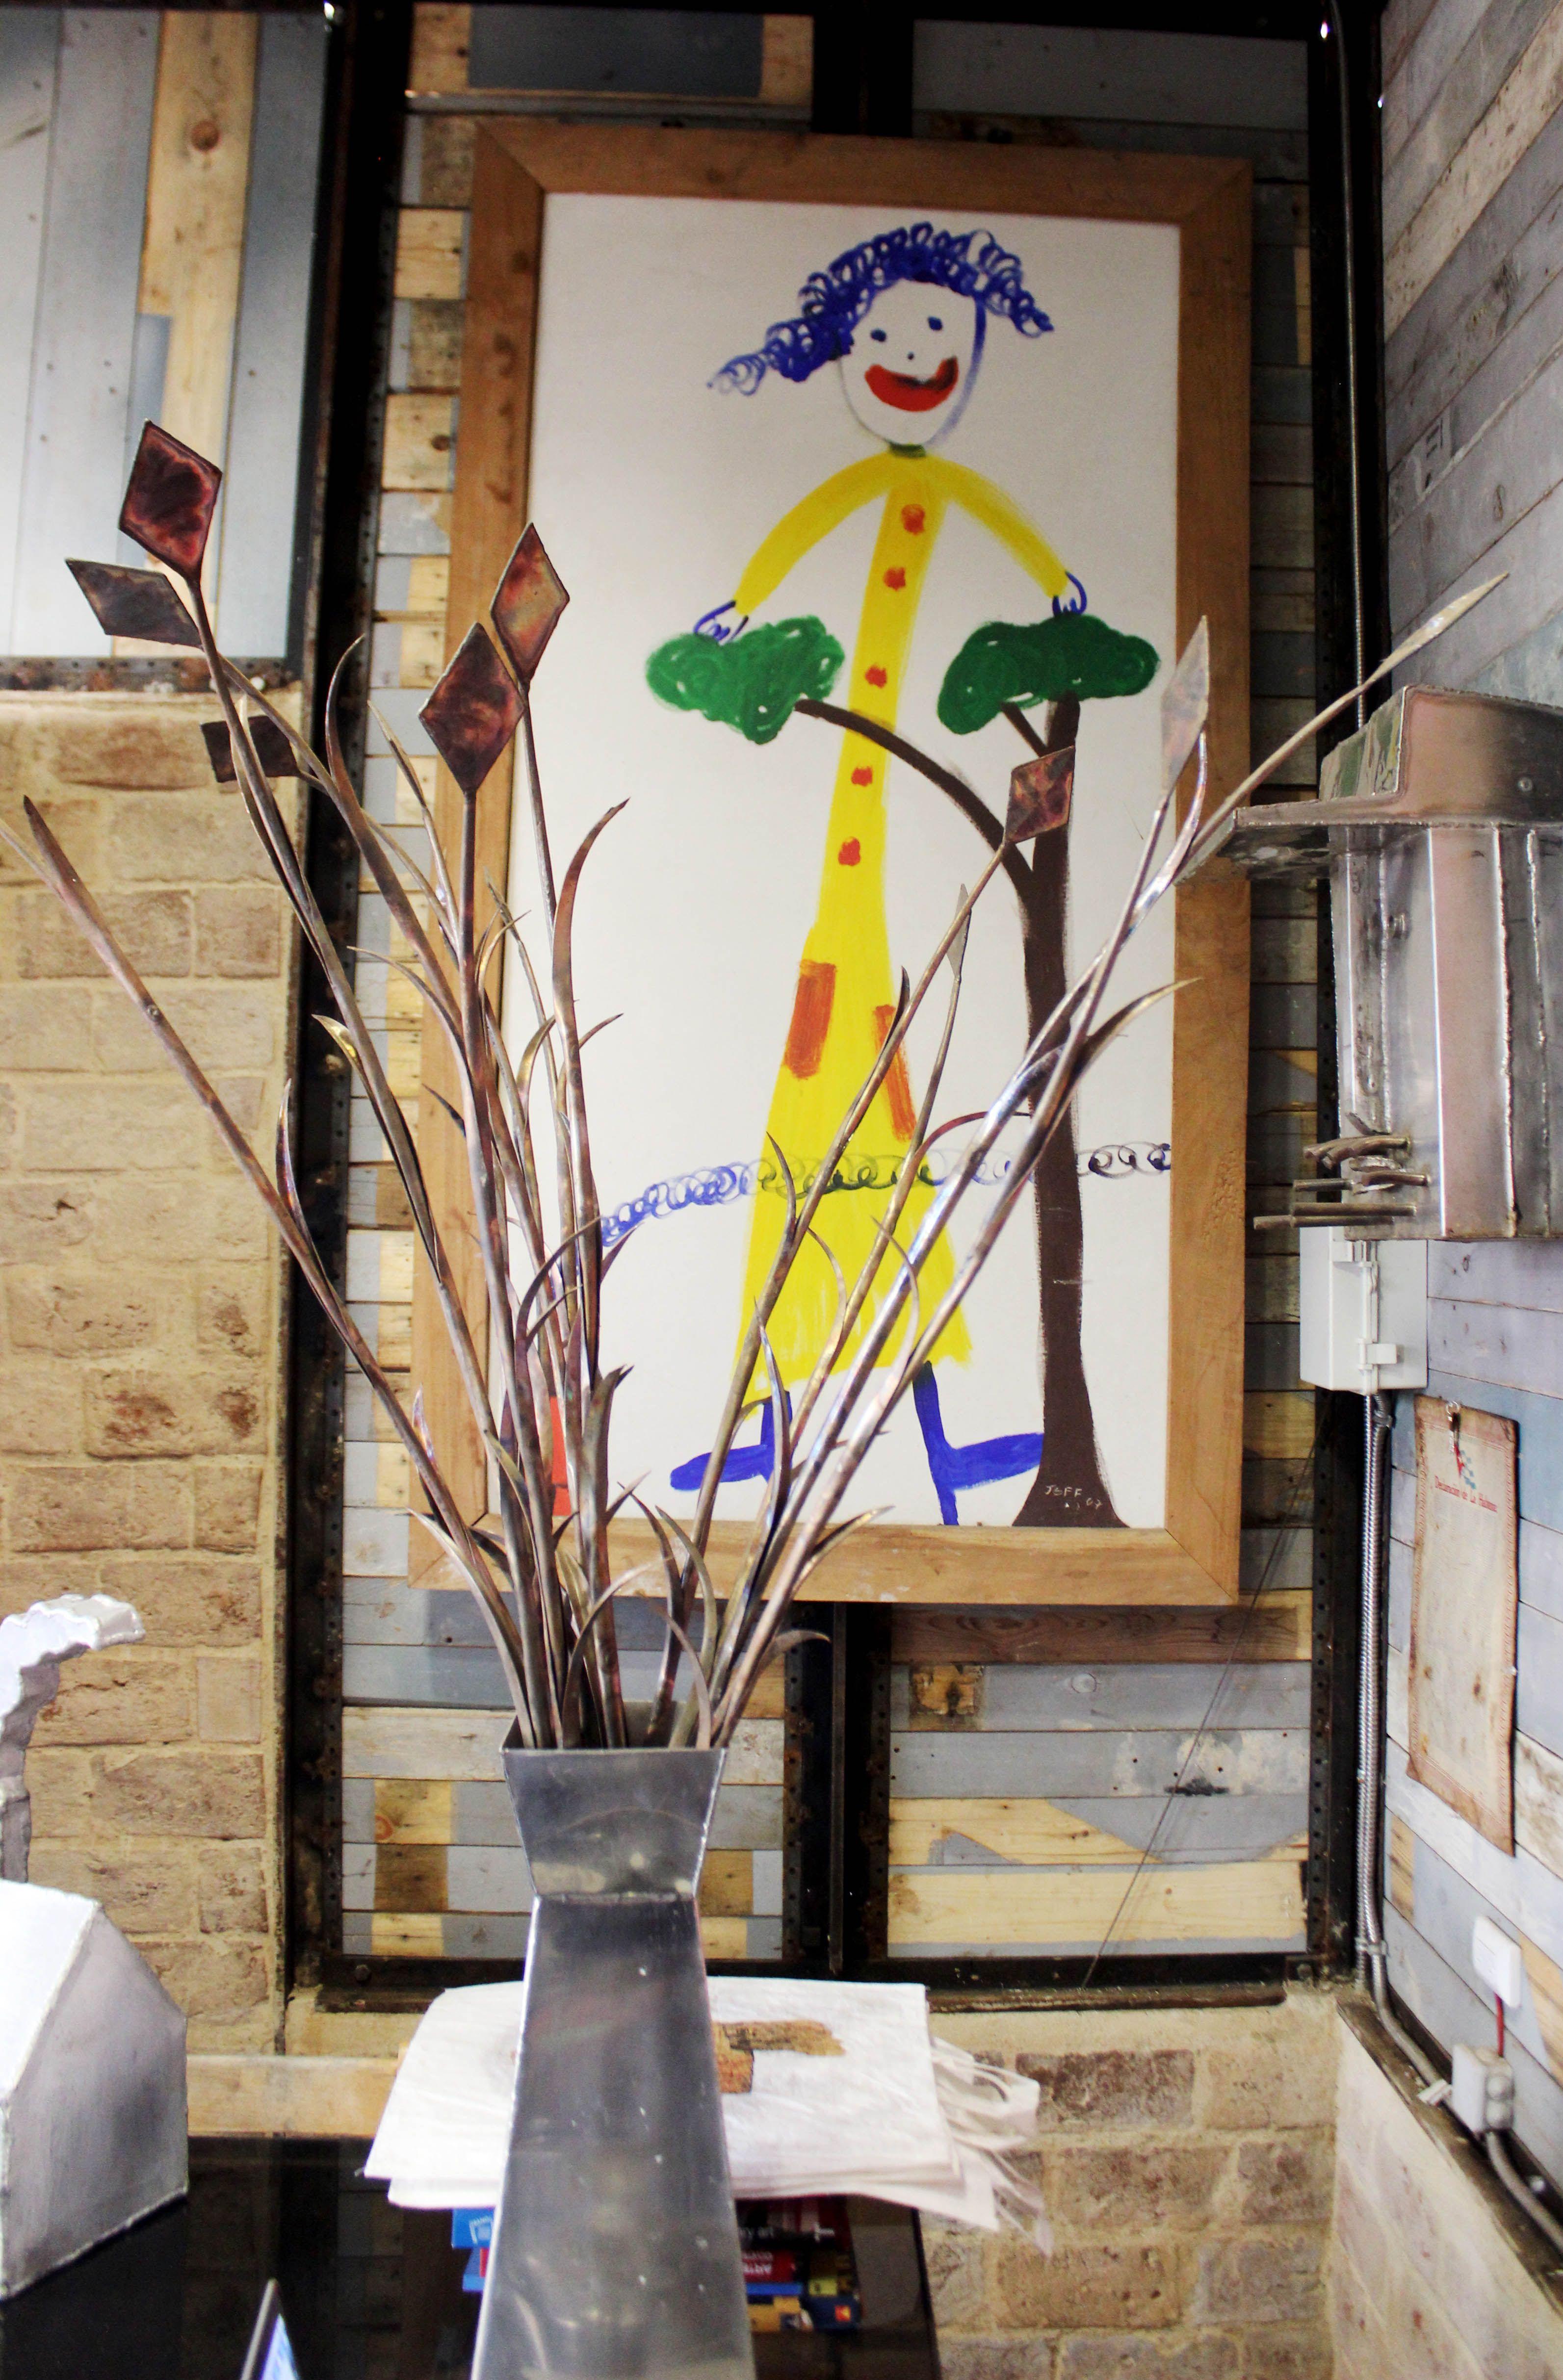 Obras de Jeff en el interior de Coco Blue y la Zorra Pelúa. Foto: Alba León.